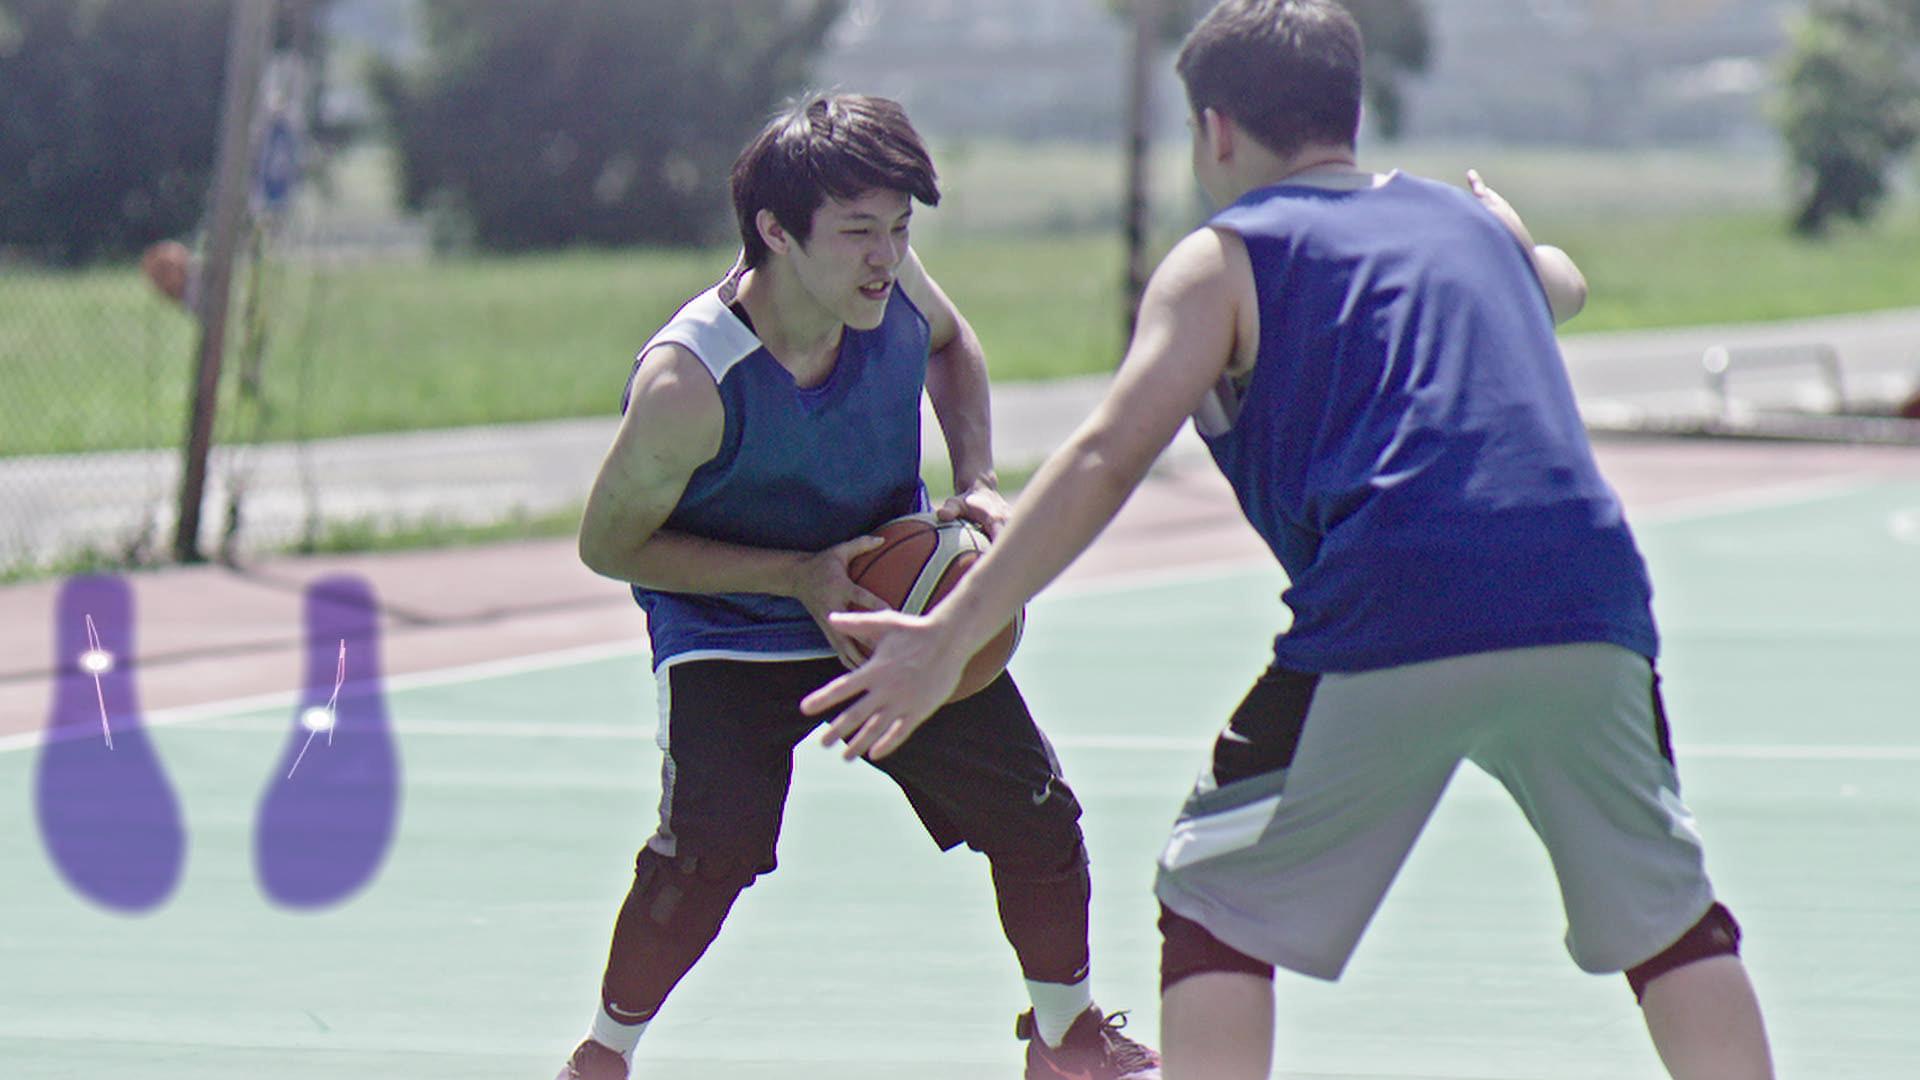 SaFePlay應用情境-籃球運動 足底重心軌跡